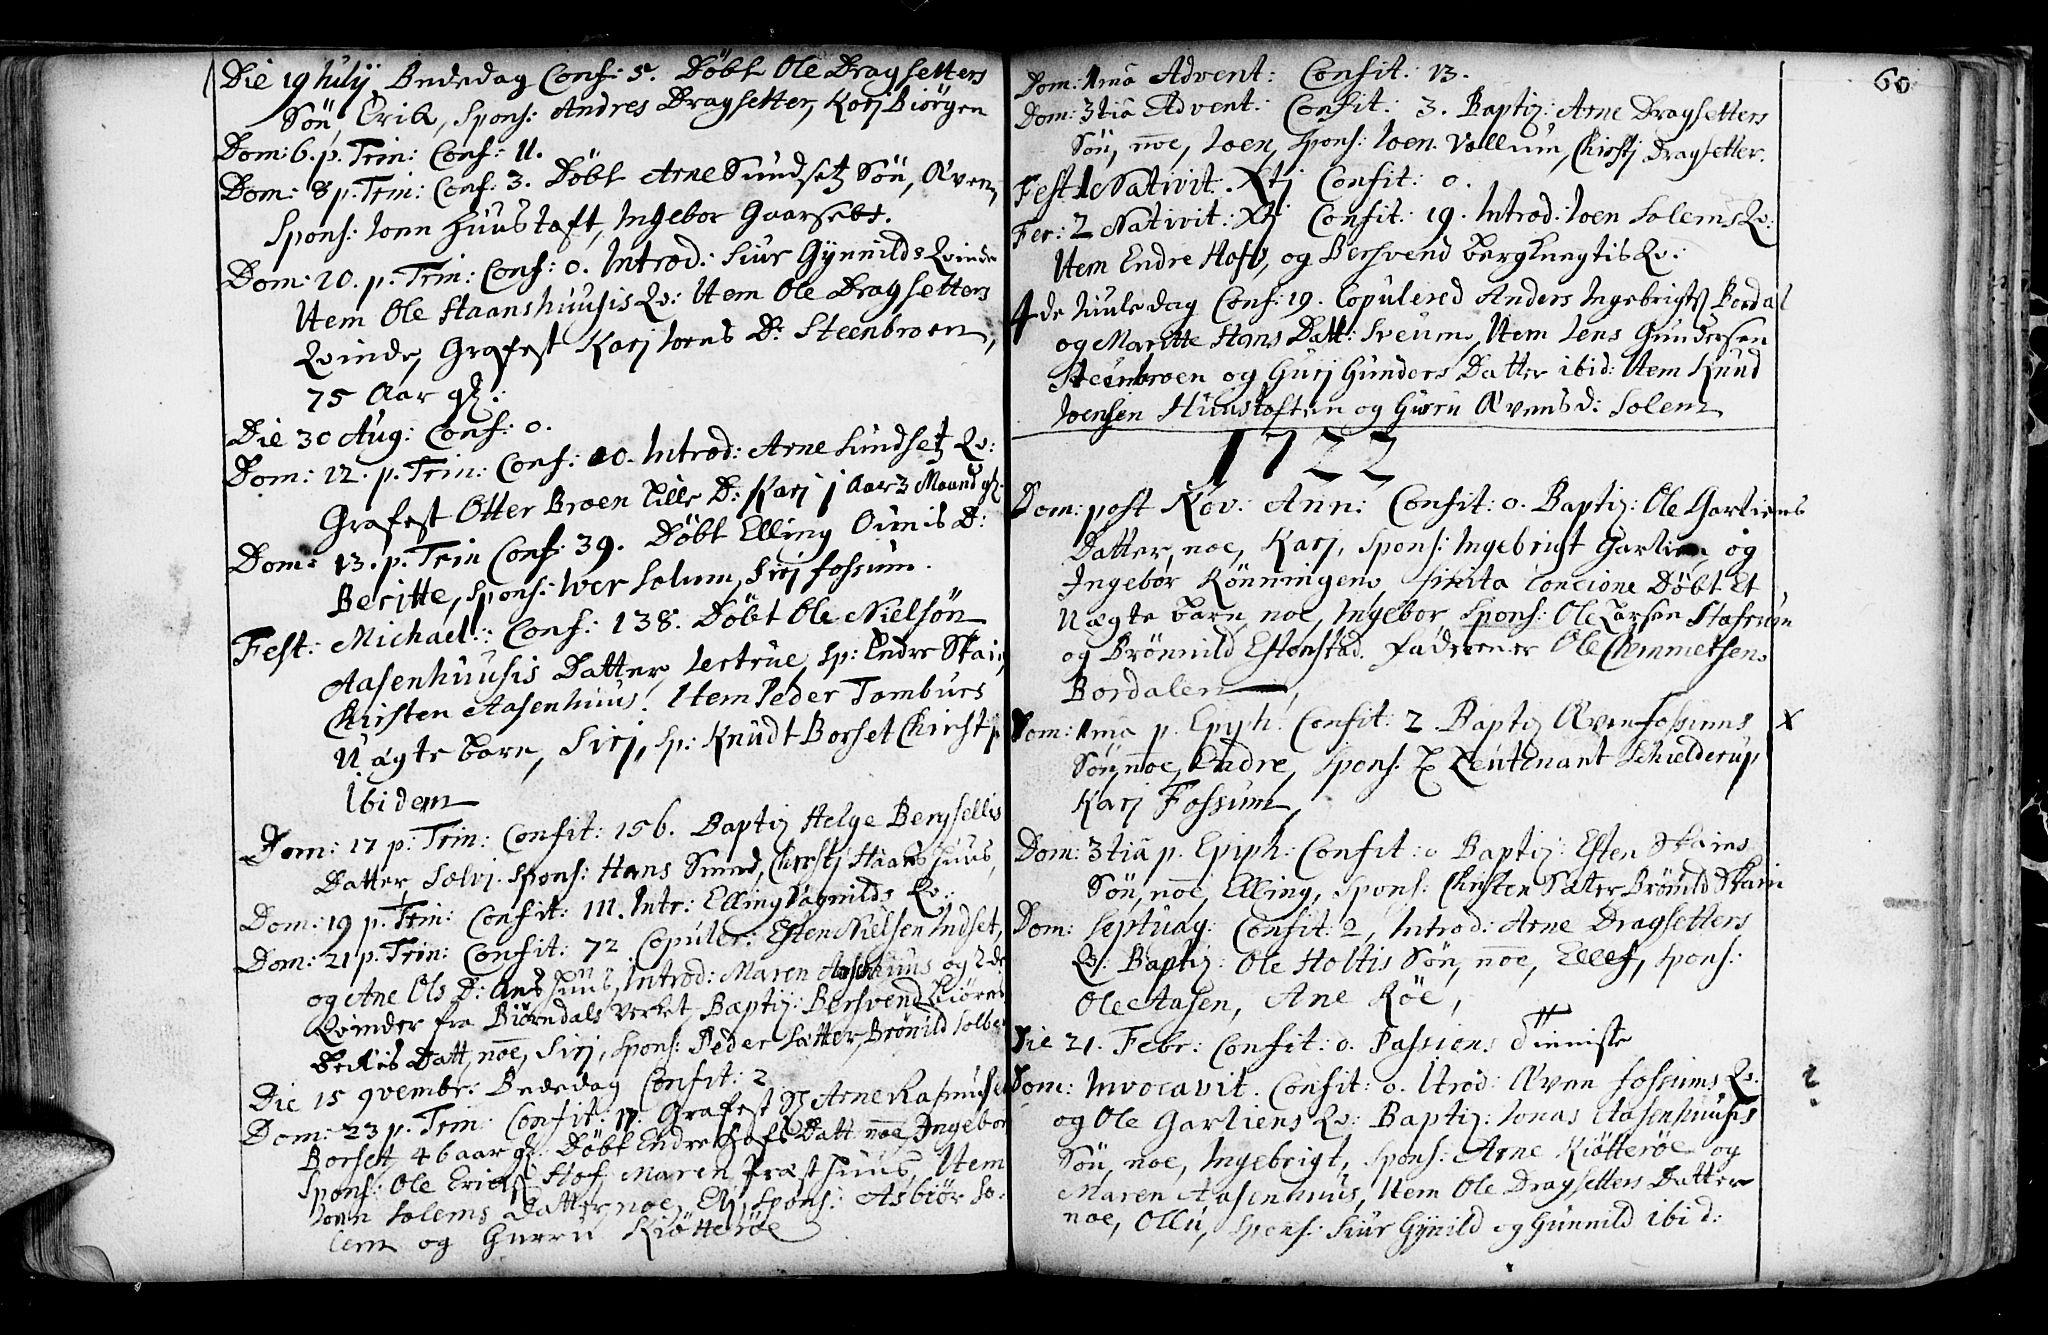 SAT, Ministerialprotokoller, klokkerbøker og fødselsregistre - Sør-Trøndelag, 689/L1036: Ministerialbok nr. 689A01, 1696-1746, s. 60